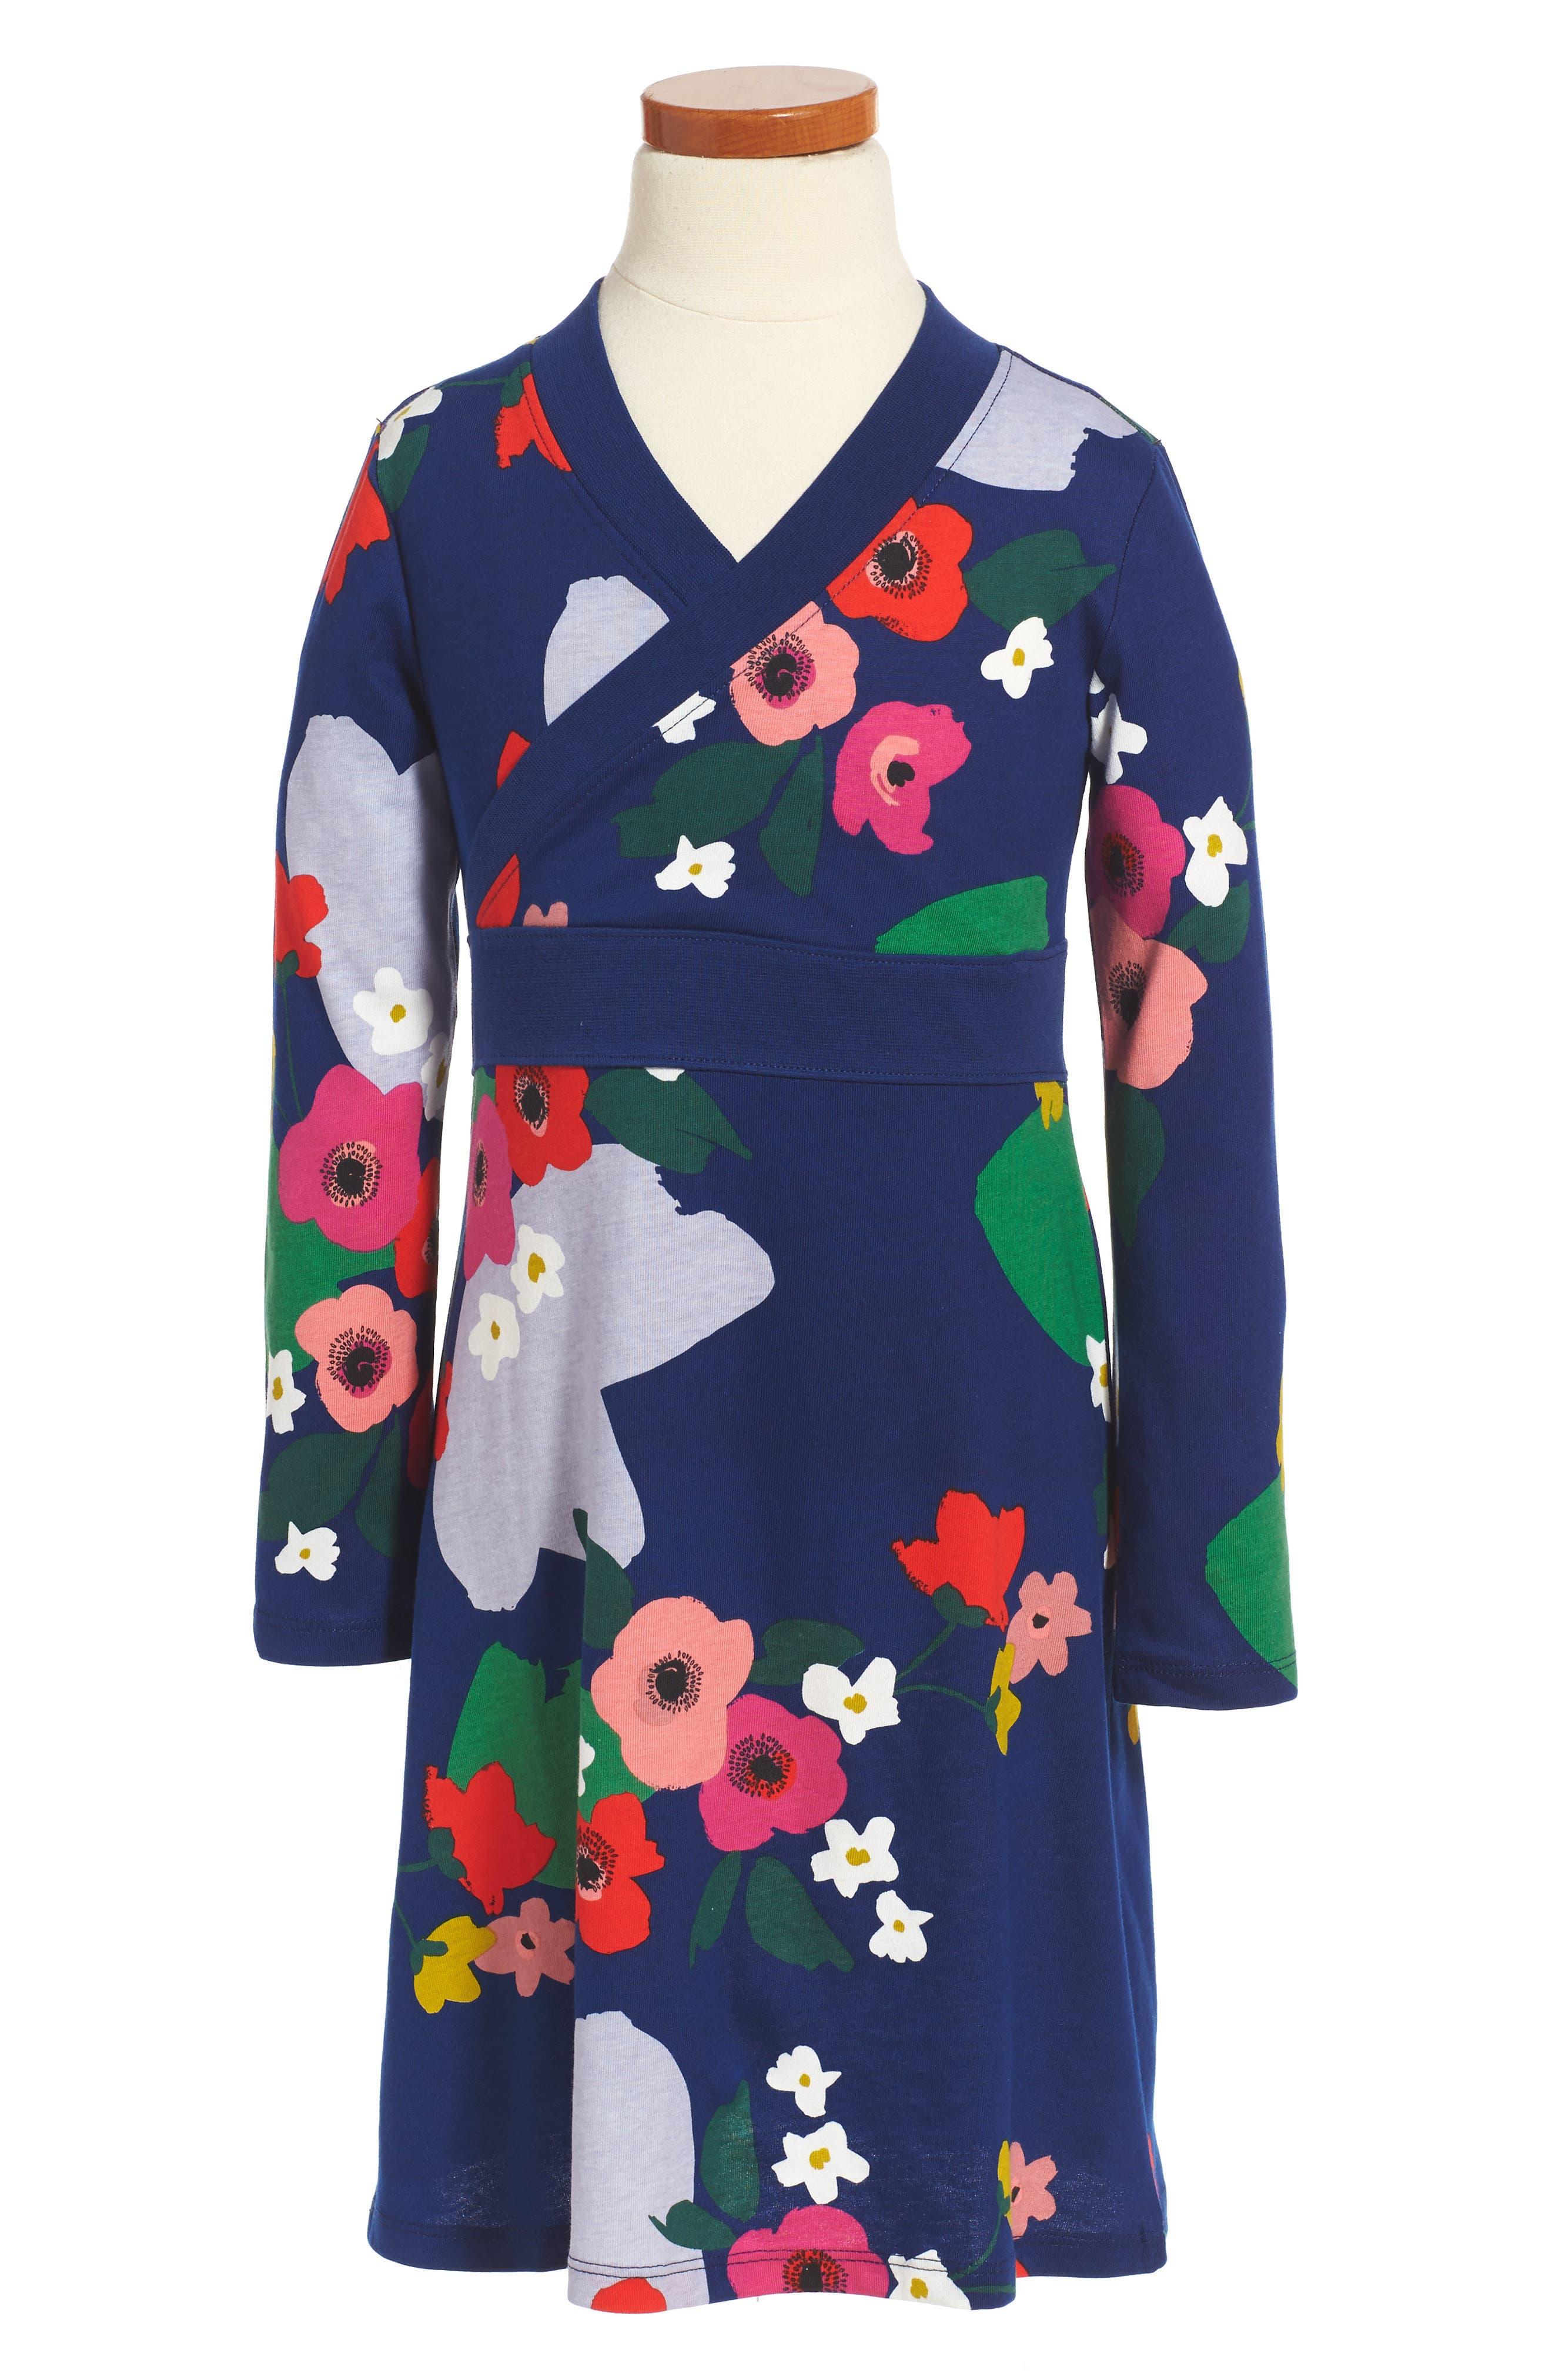 Main Image - Tea Collection Scotland Garden Wrap Neck Dress (Toddler Girls, Little Girls & Big Girls)